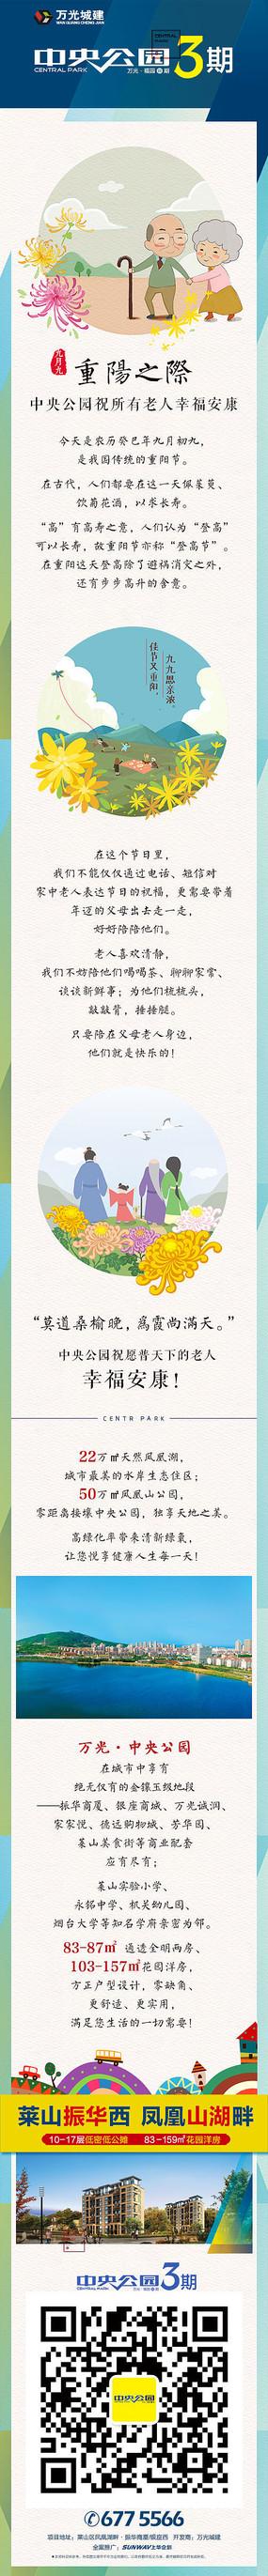 重阳节地产微信广告模板 PSD